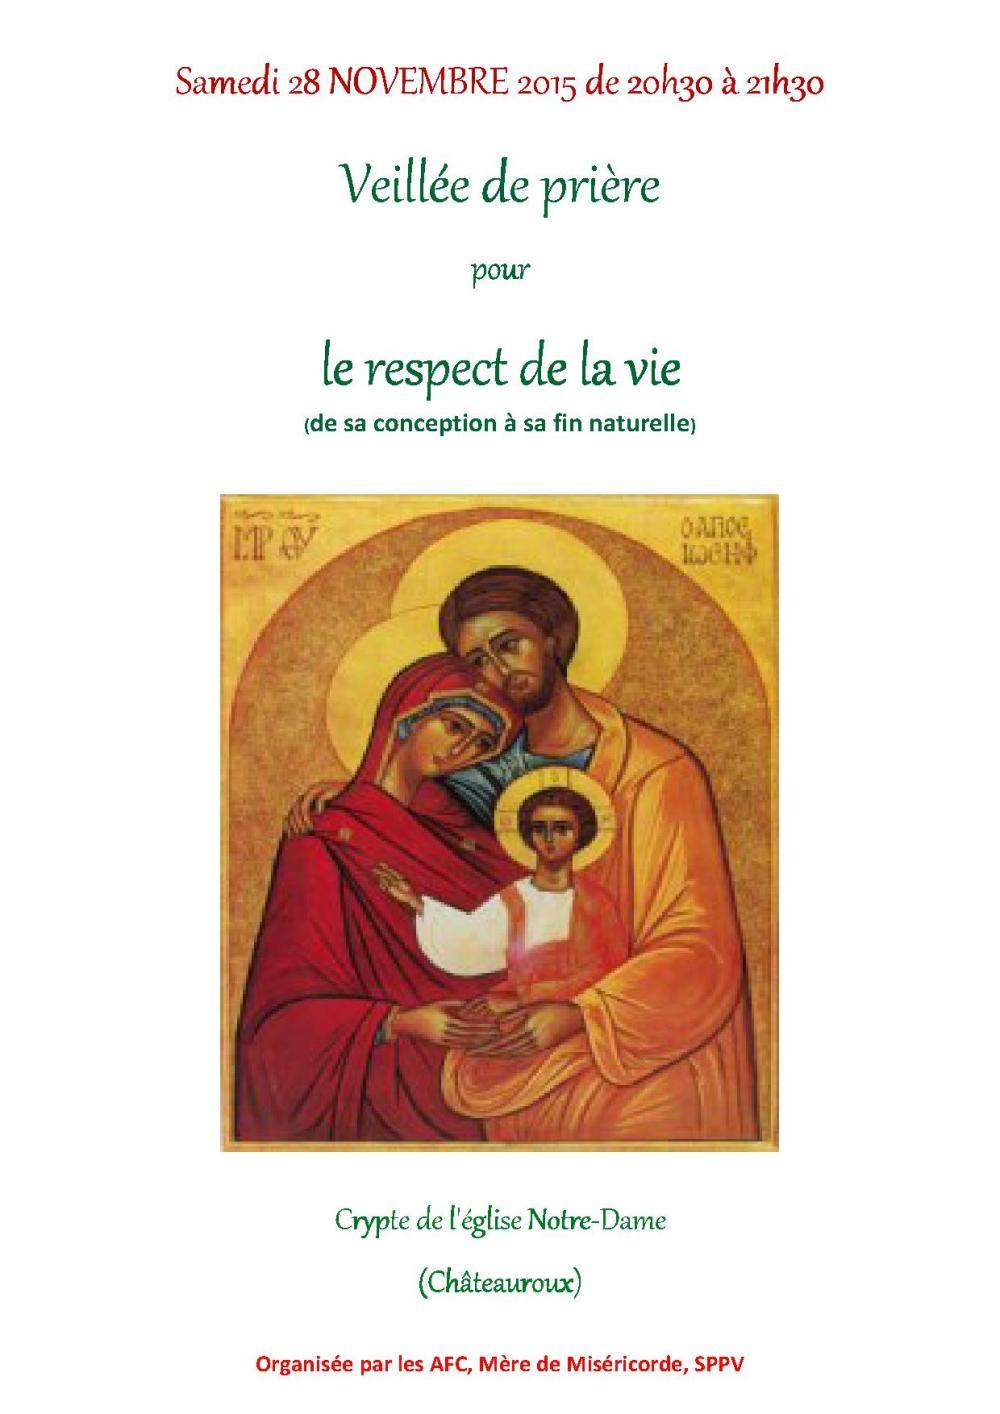 Affiche veillée de prière pour la vie 2015